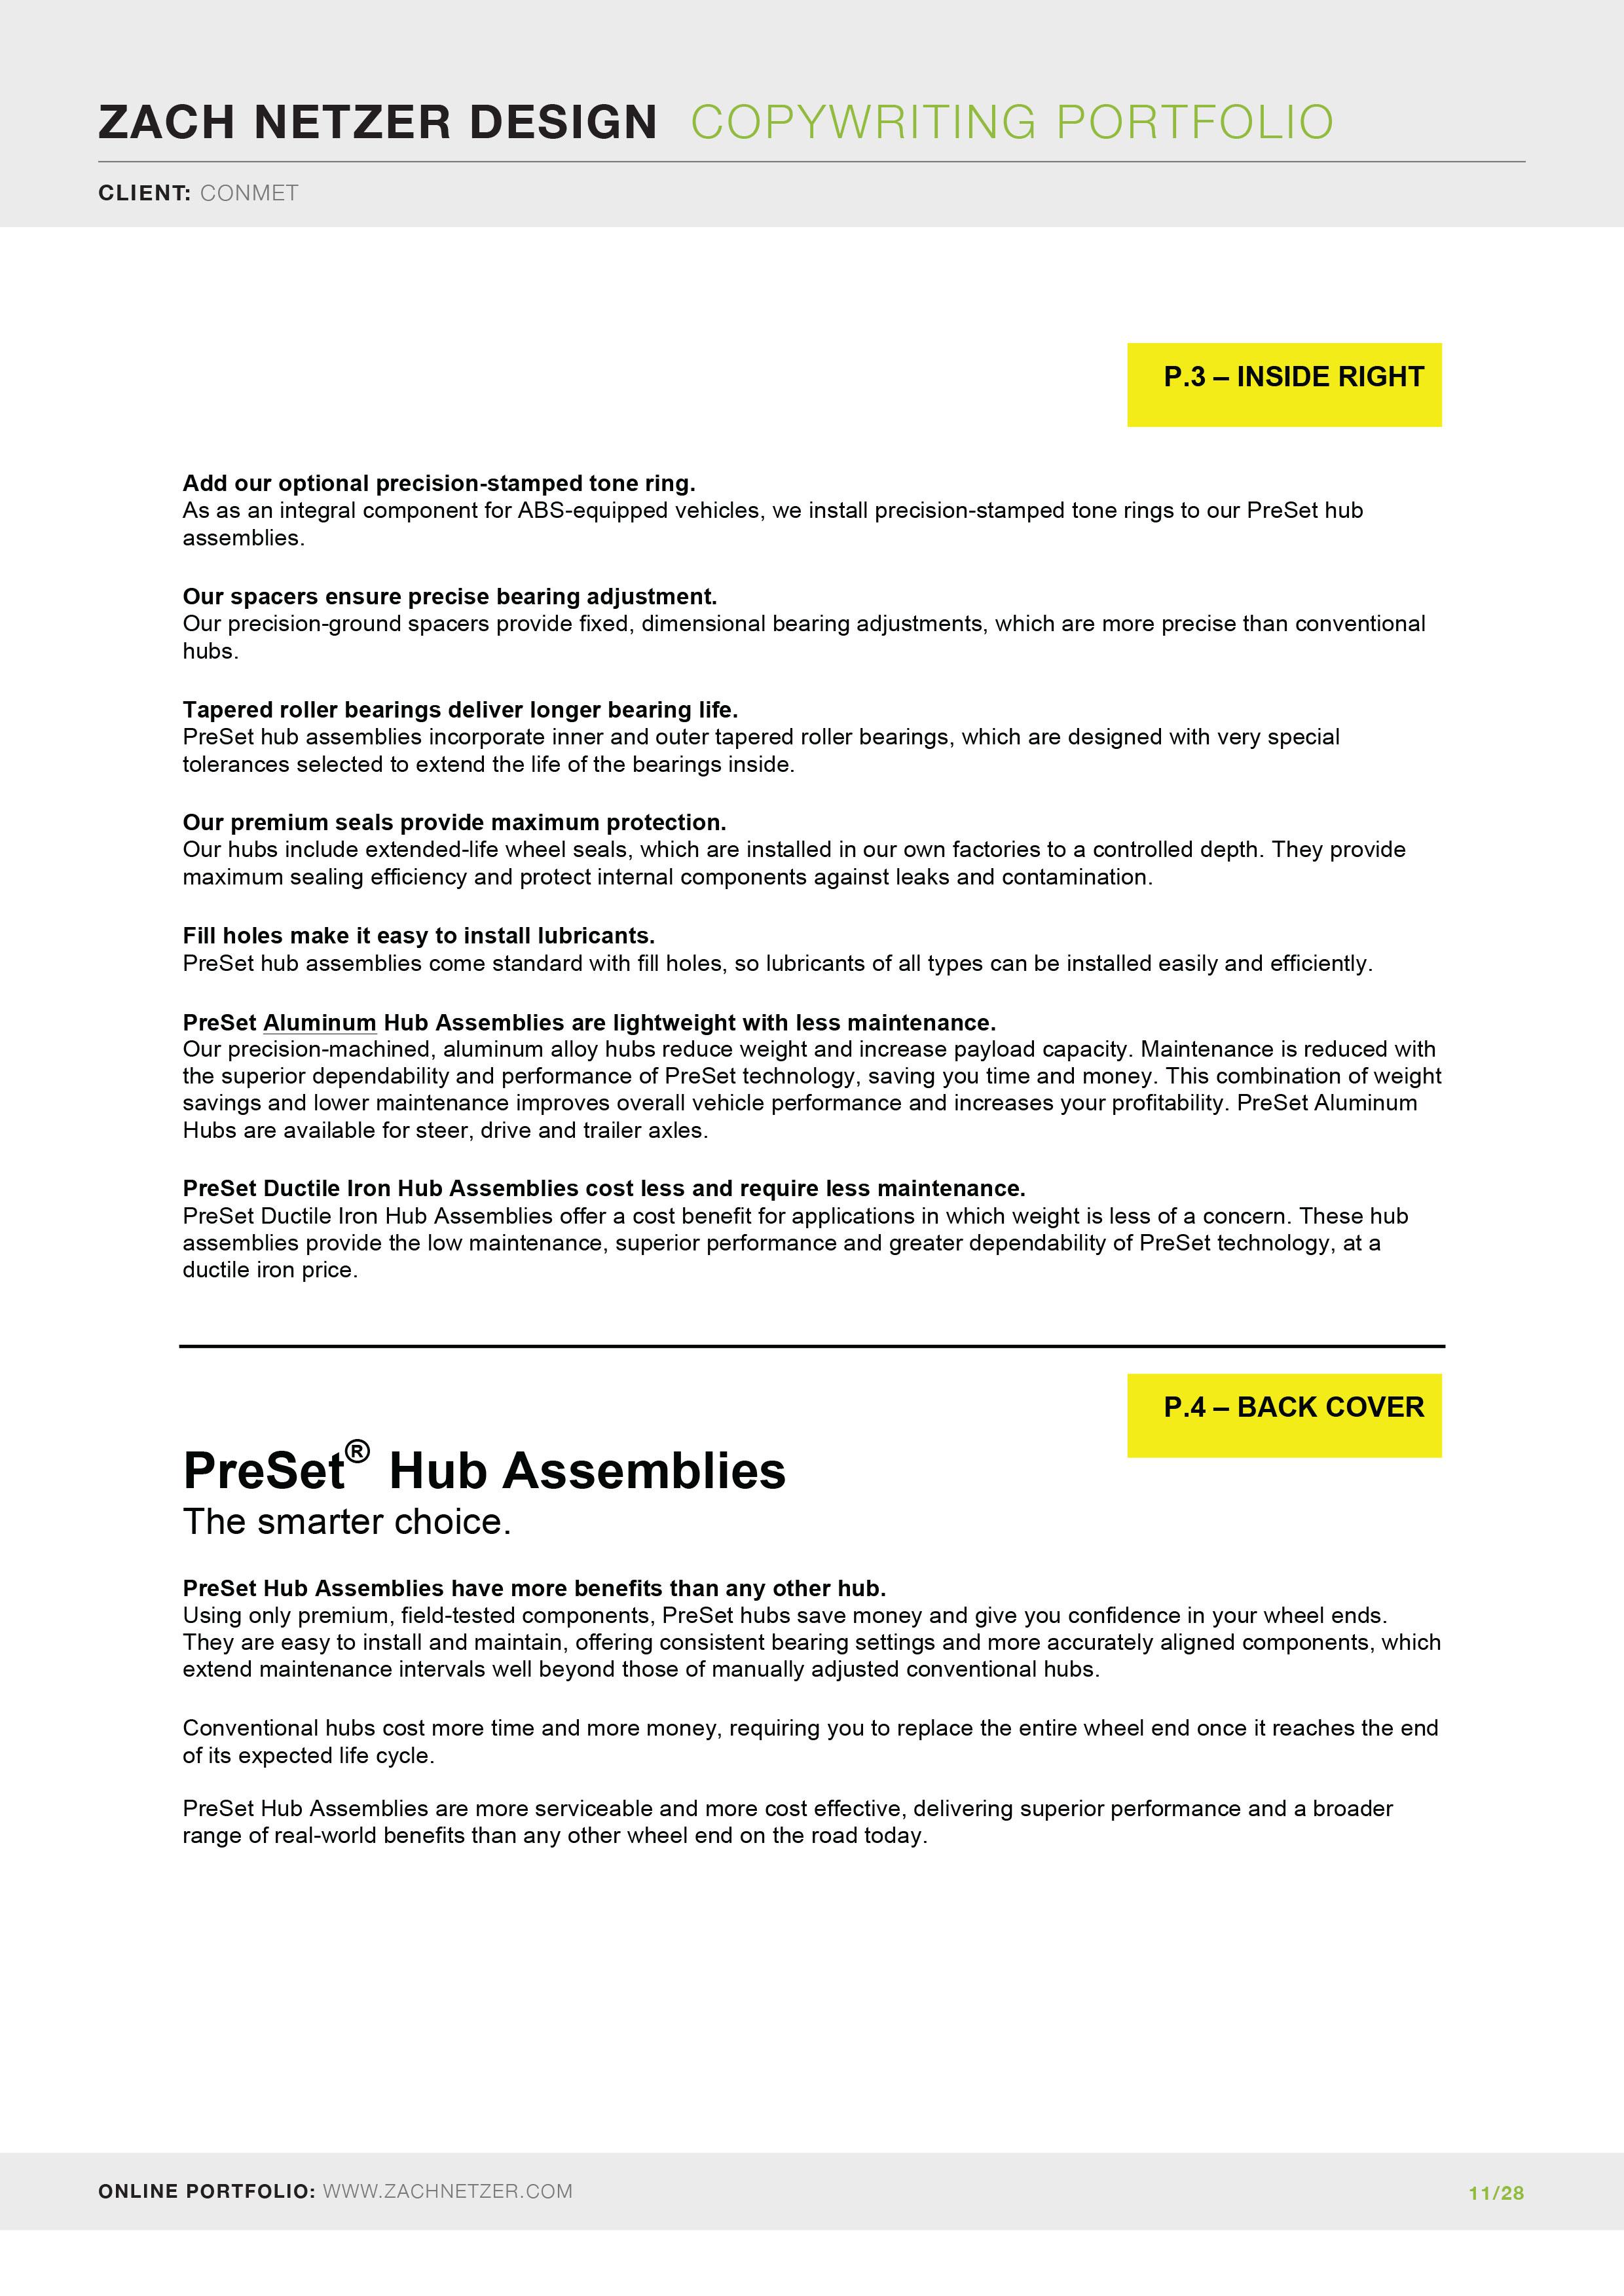 Zach-Netzer-Design---Copywriting-Portfolio-11.jpg